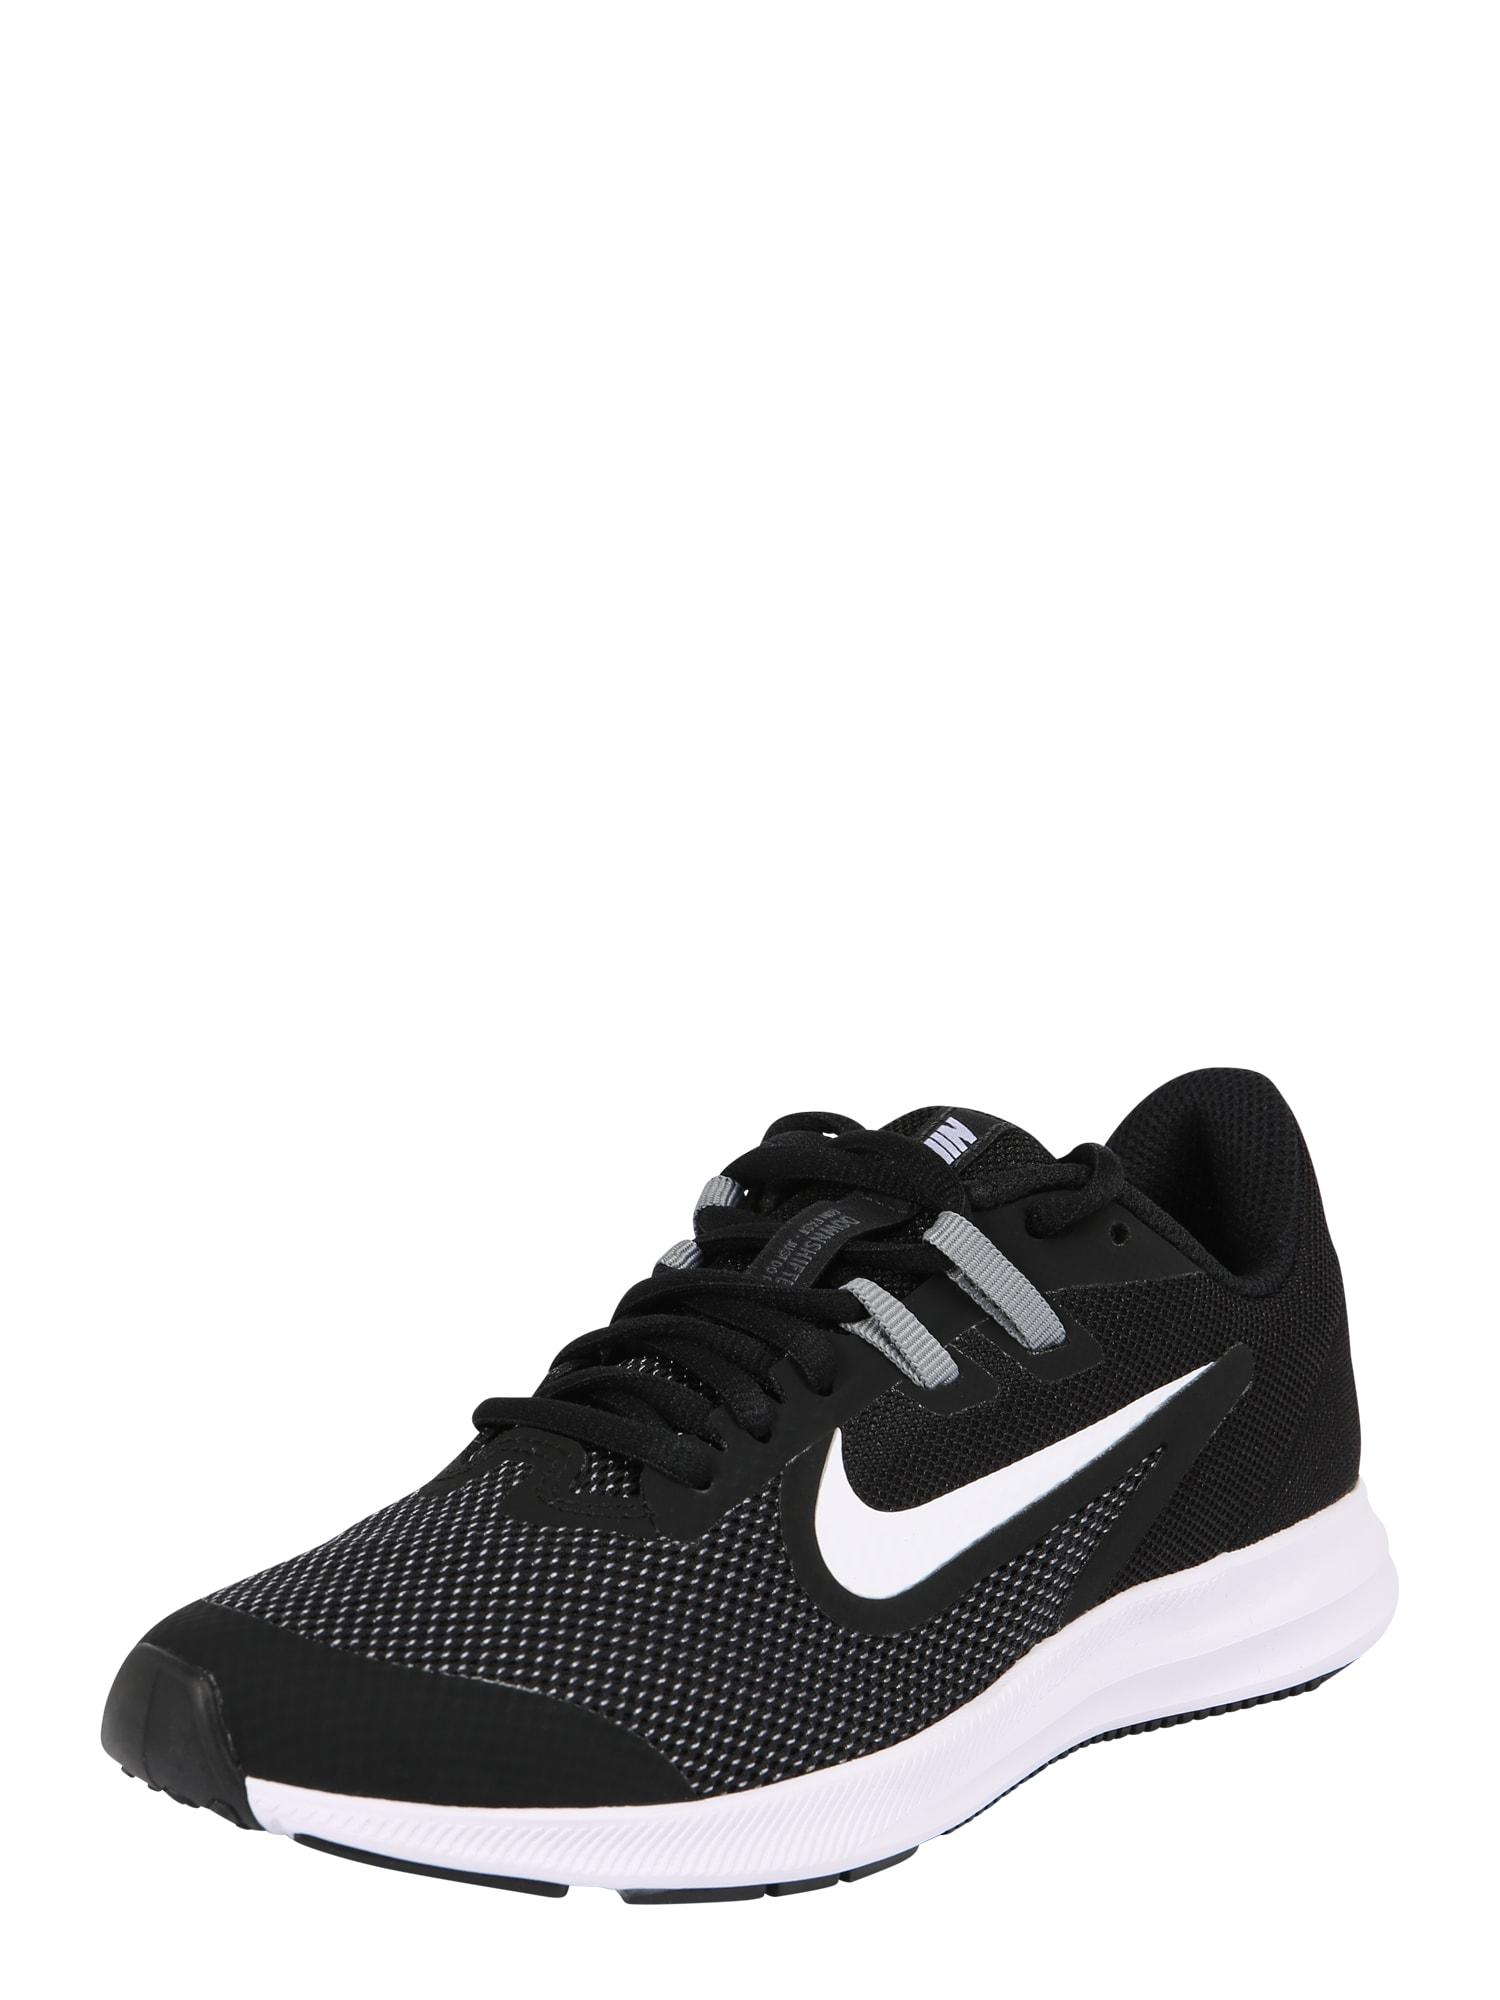 Sportovní boty Nike Downshifter 9 šedá černá bílá NIKE